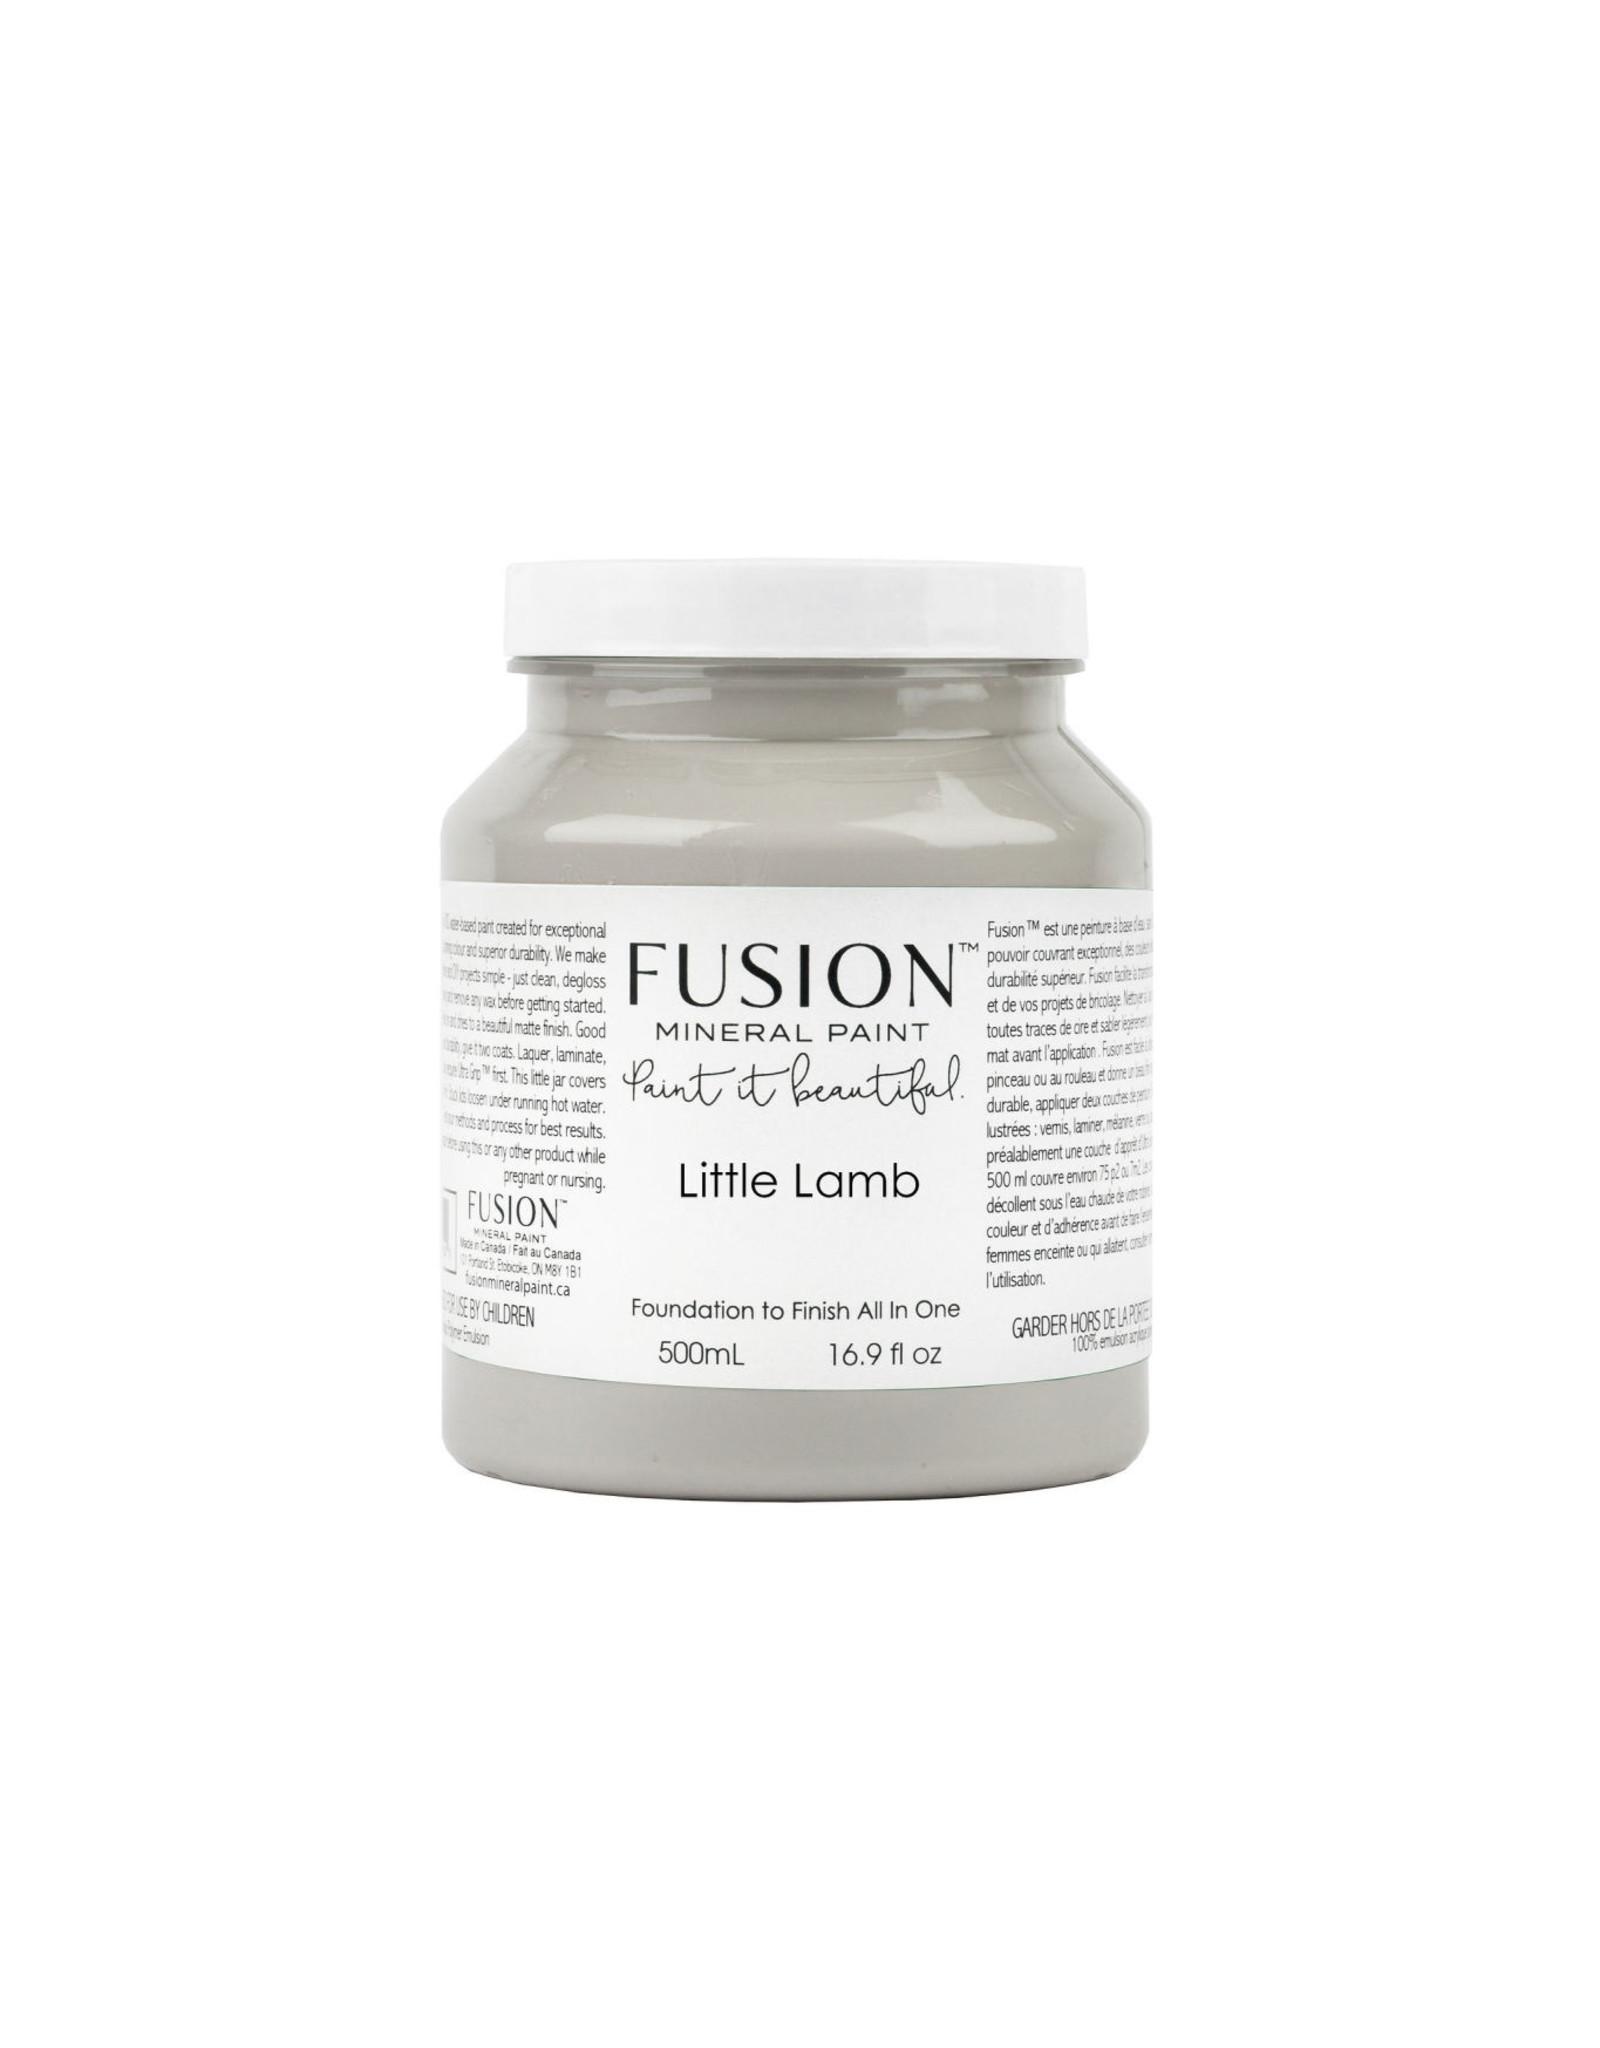 Fusion Mineral Paint Fusion Mineral Paint - Little Lamb 500ml